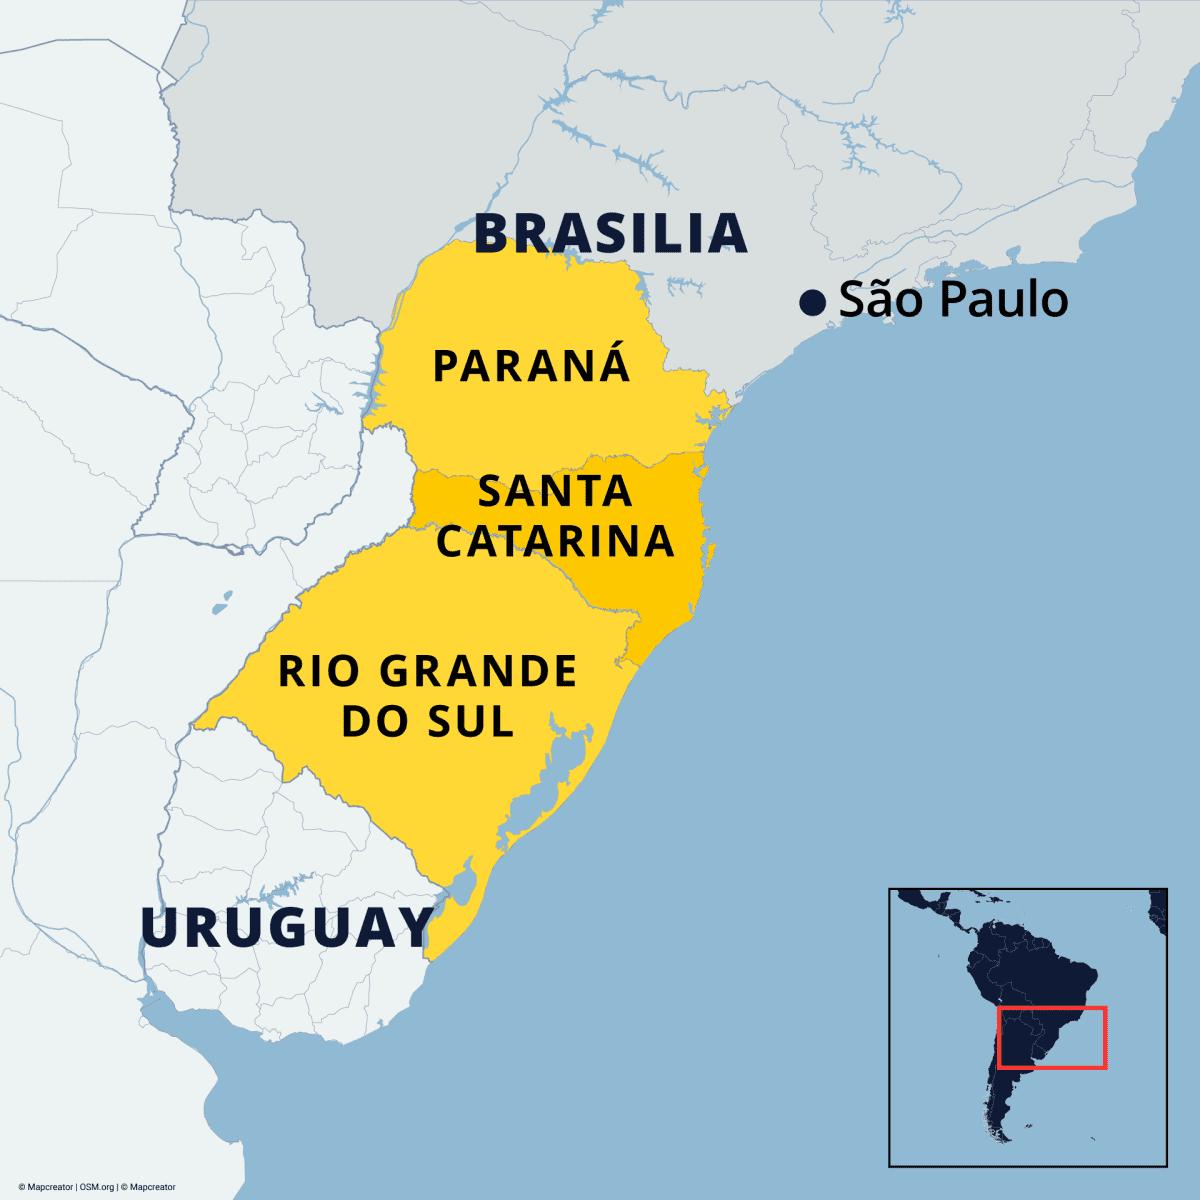 Kartta jossa näkyvät eteläisen Brasilian osavaltiot, joissa on satanut lunta: Paraná, Santa Catarina ja Rio Grande Do Sul.